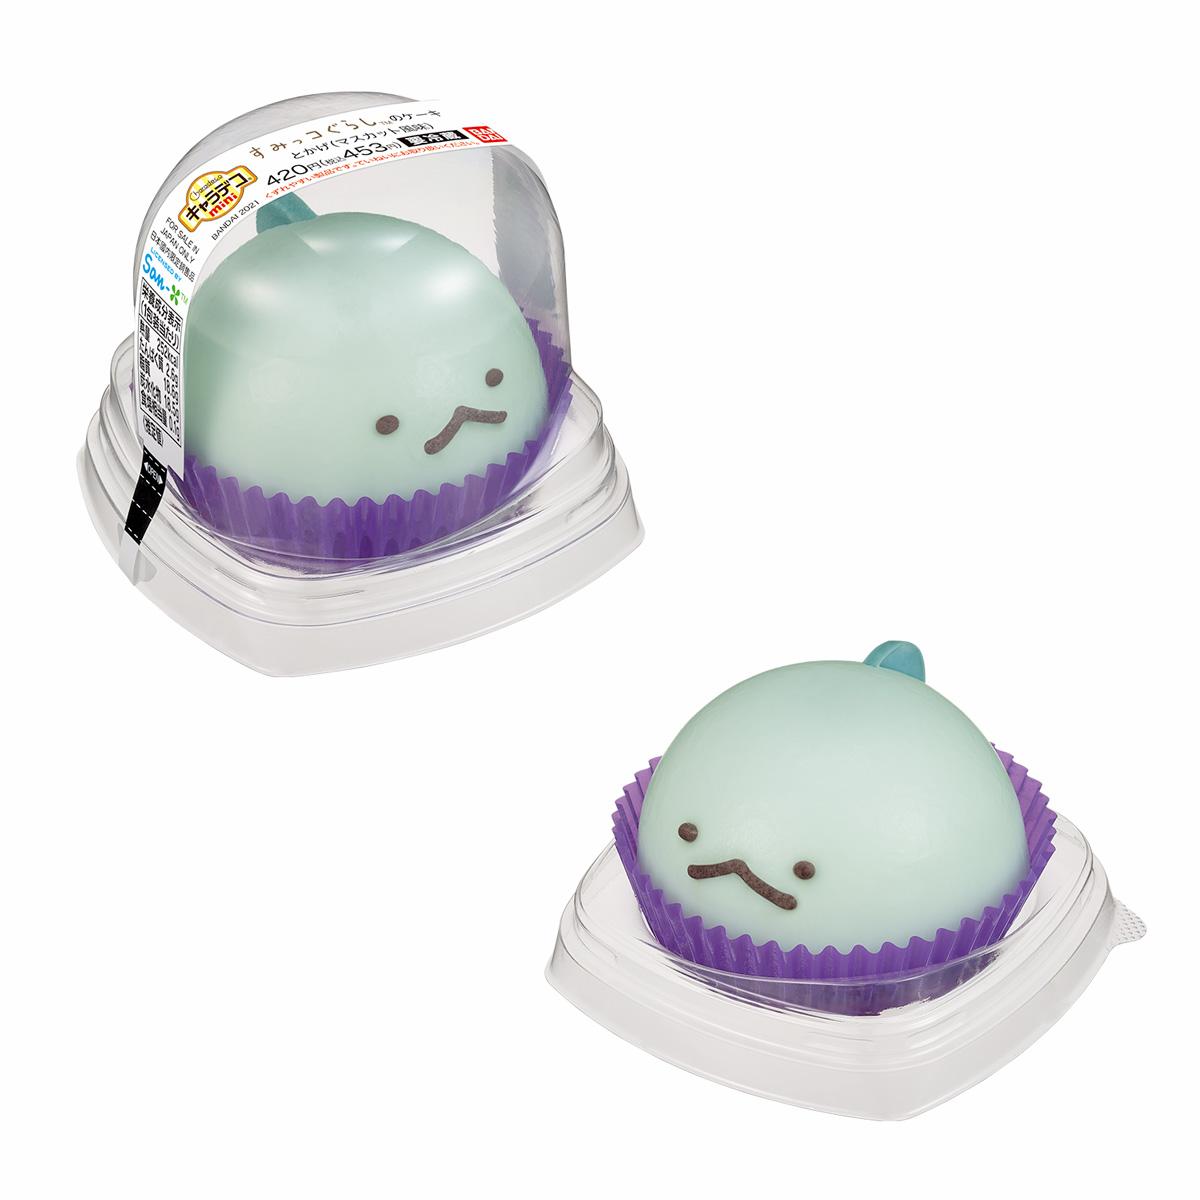 キャラデコmini すみっコぐらしのケーキ とかげ_0